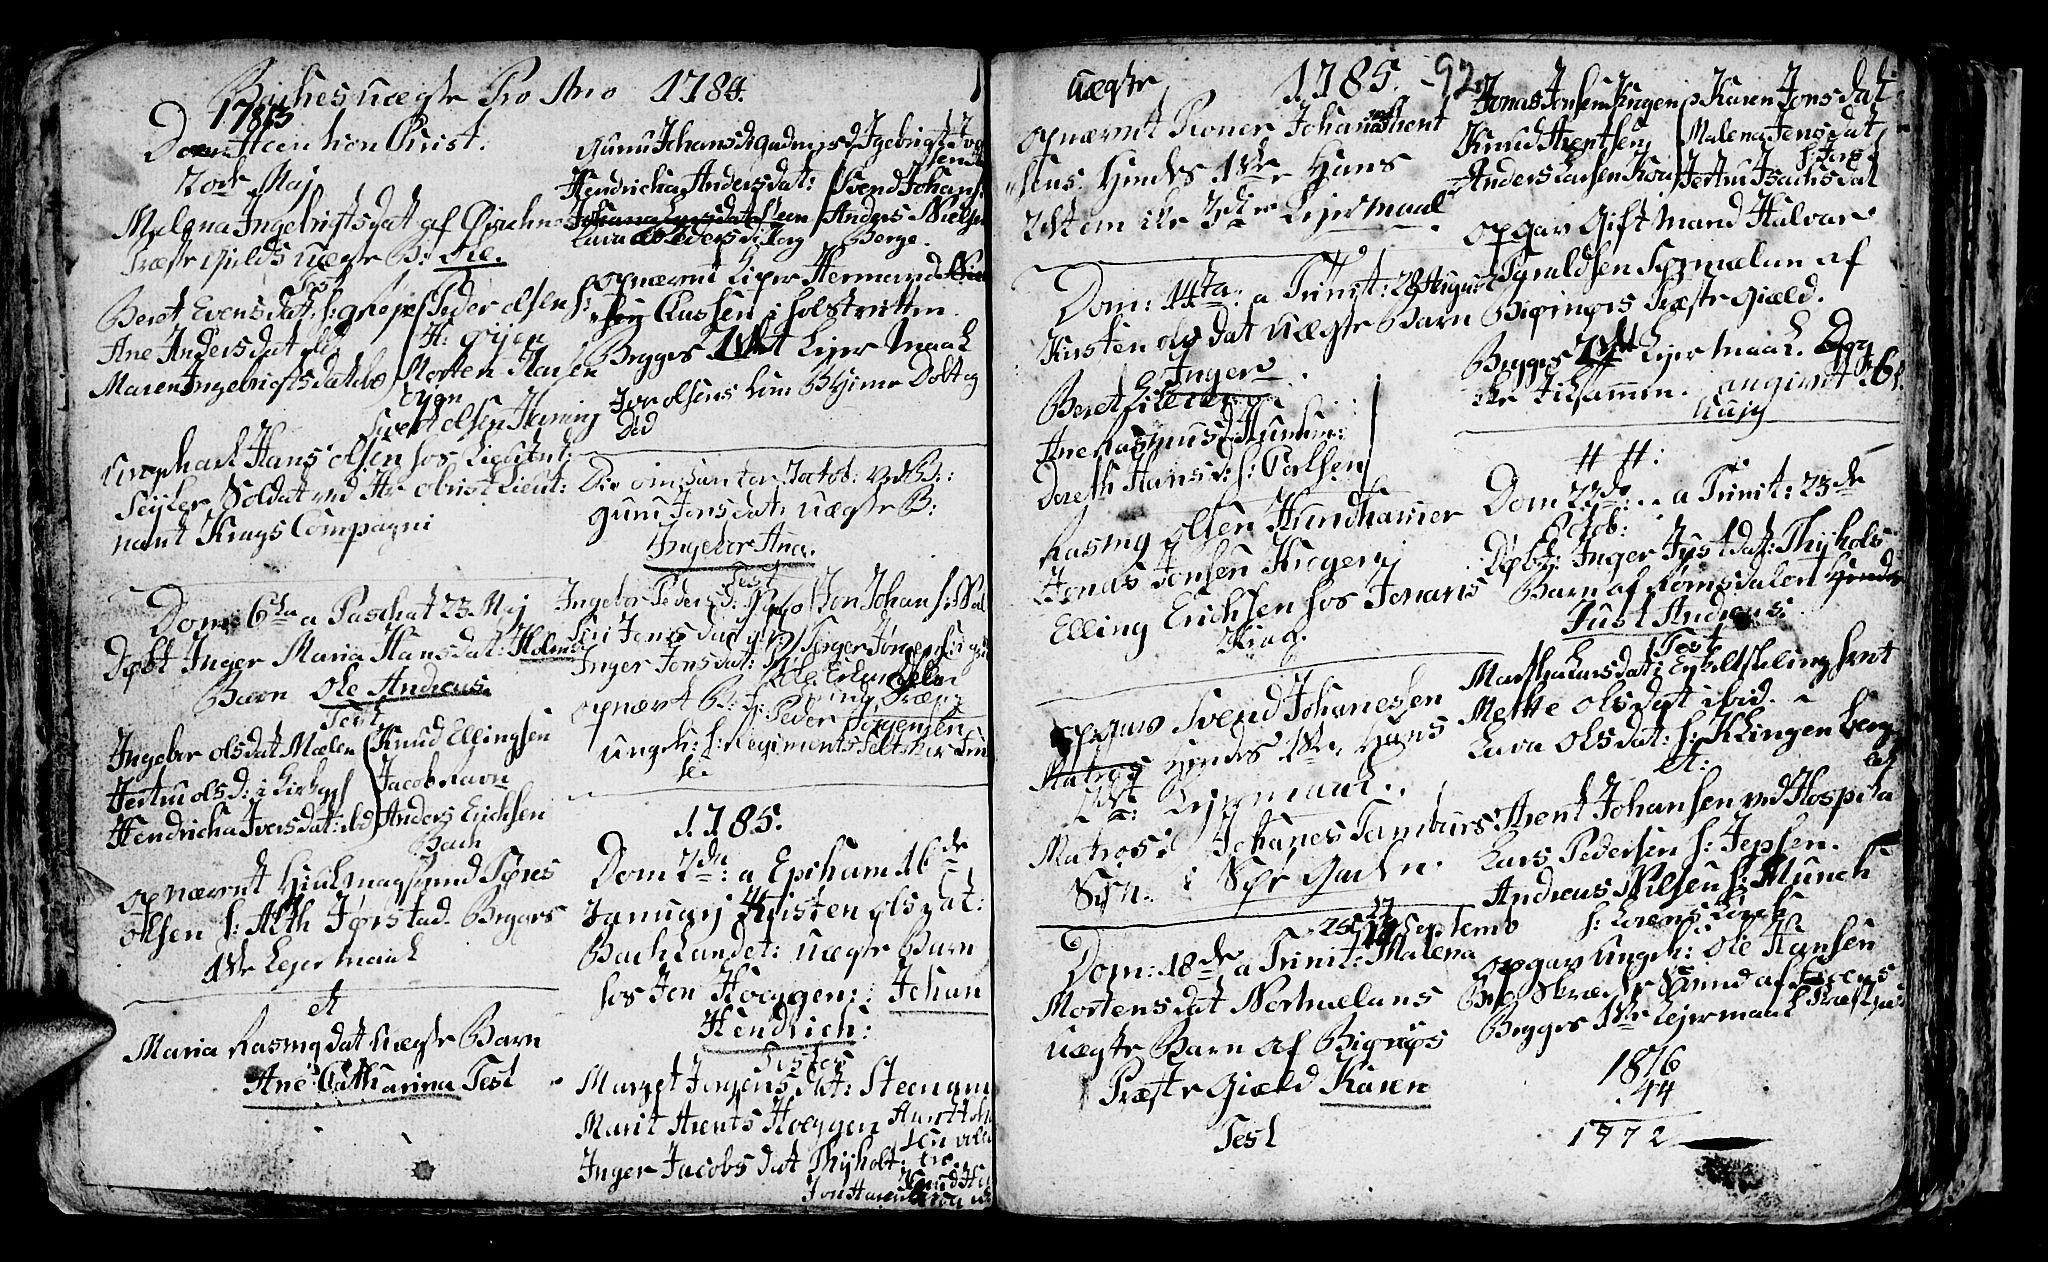 SAT, Ministerialprotokoller, klokkerbøker og fødselsregistre - Sør-Trøndelag, 604/L0218: Klokkerbok nr. 604C01, 1754-1819, s. 92